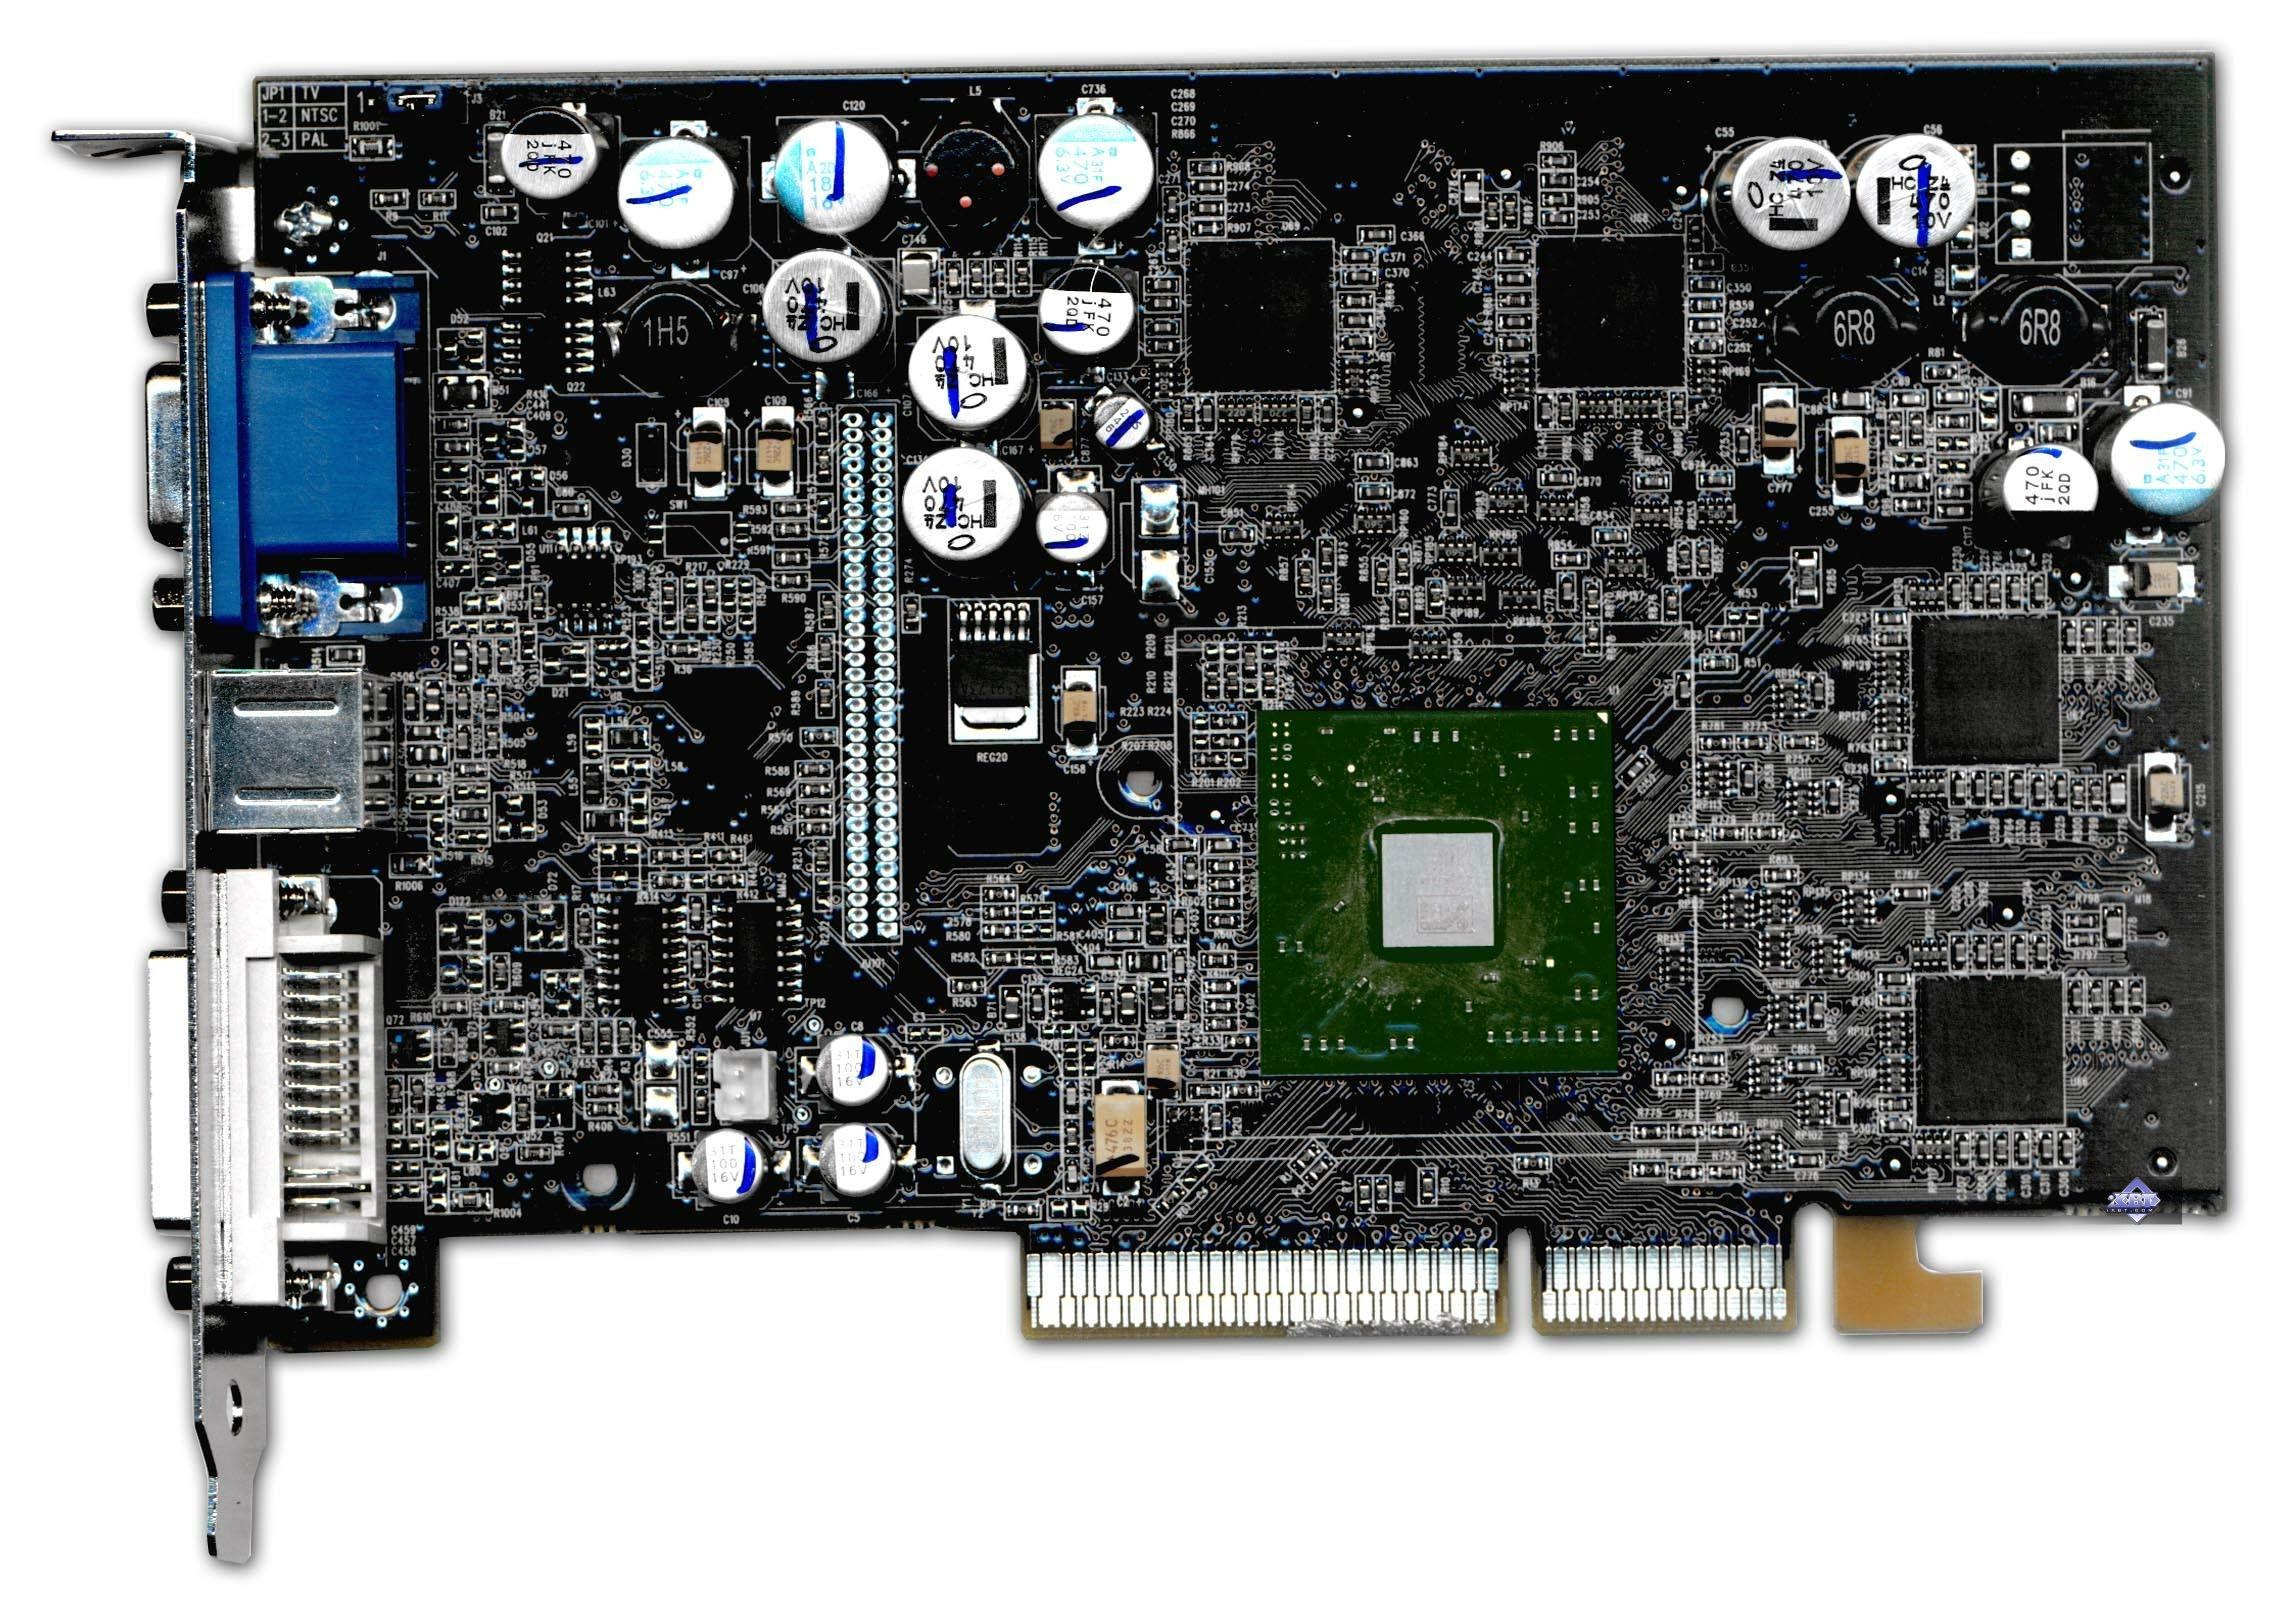 Radeon 9600 pro sec family драйвер скачать